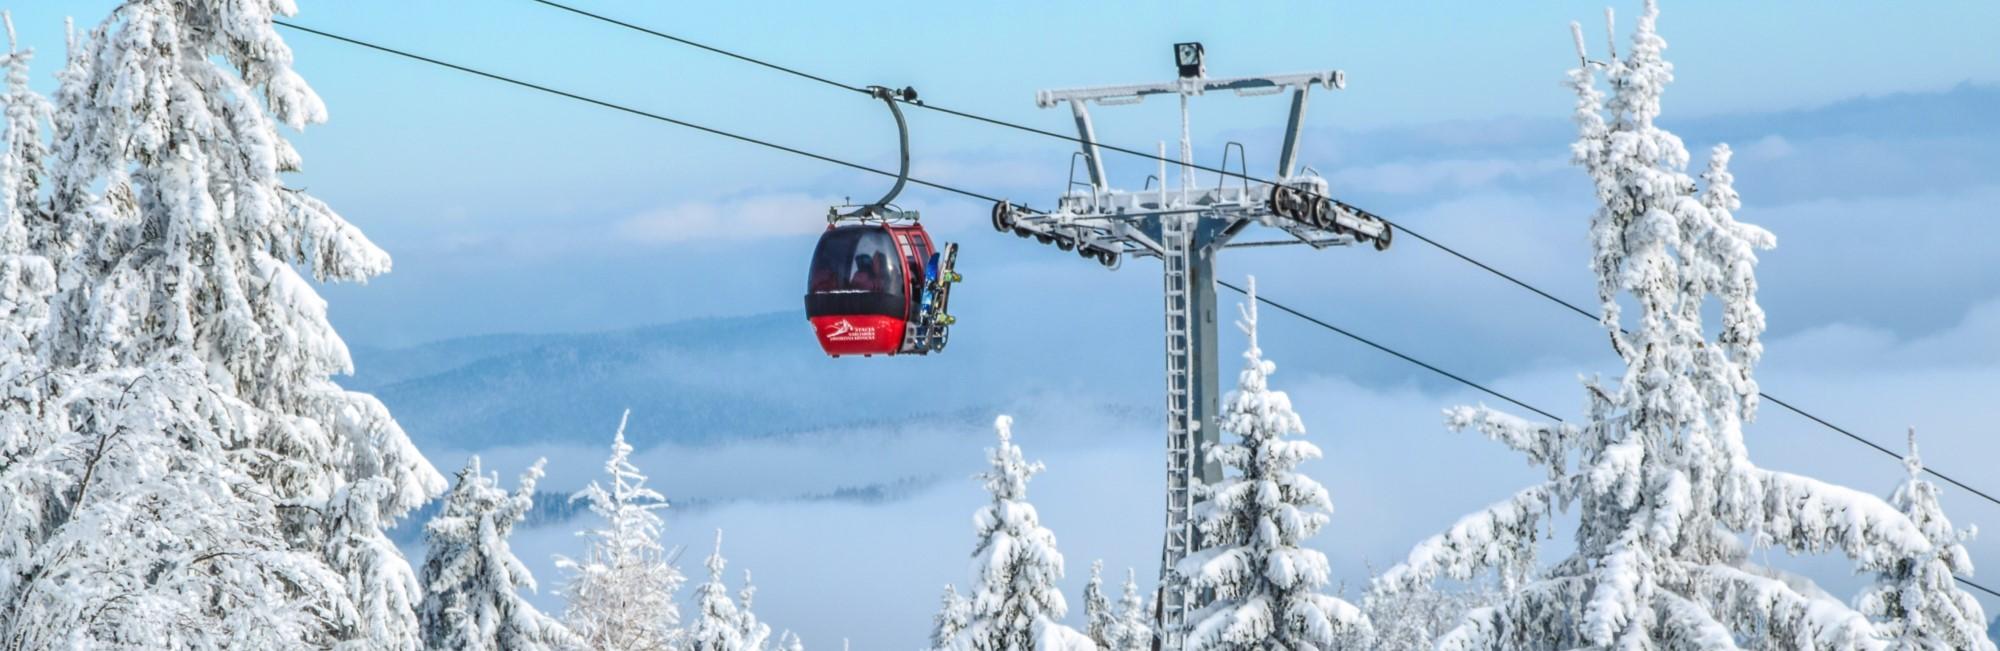 Zakelijke wintersport